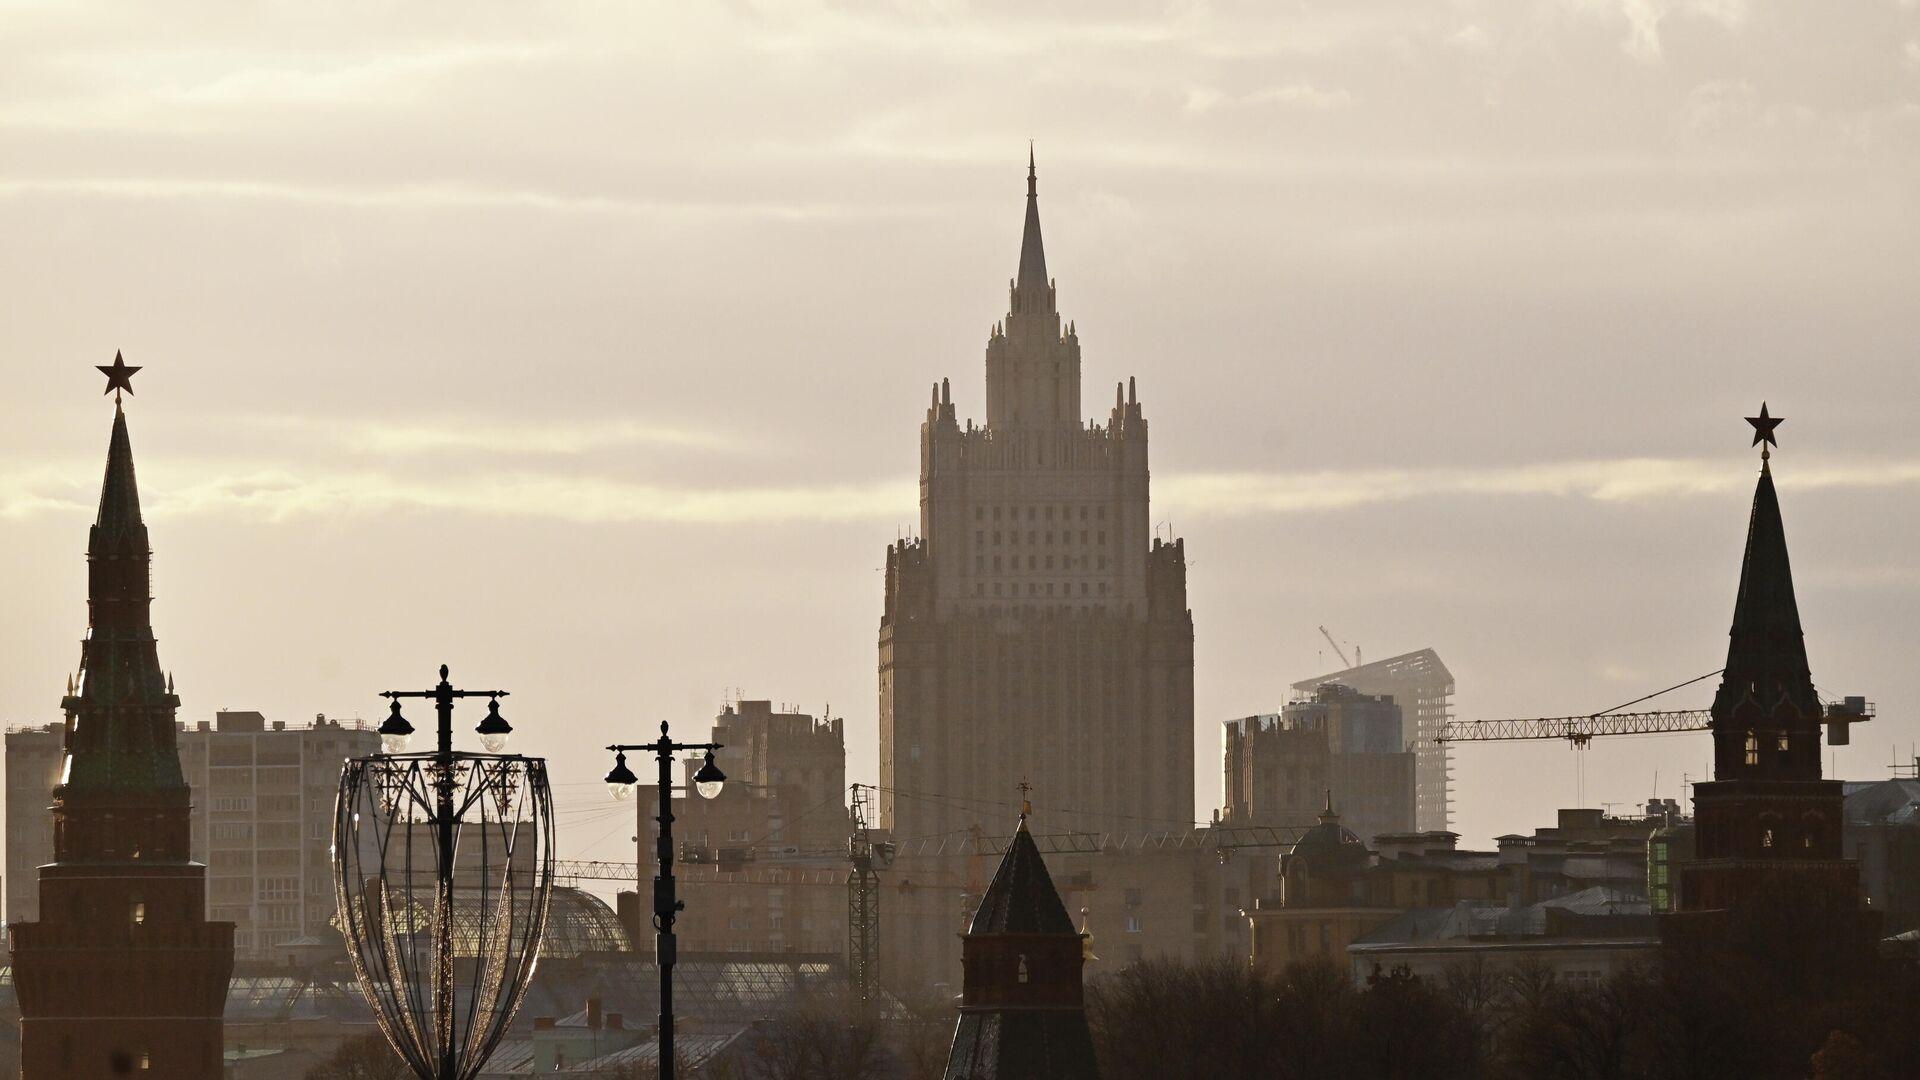 Московский Кремль и здание Министерства иностранных дел РФ - РИА Новости, 1920, 07.02.2021